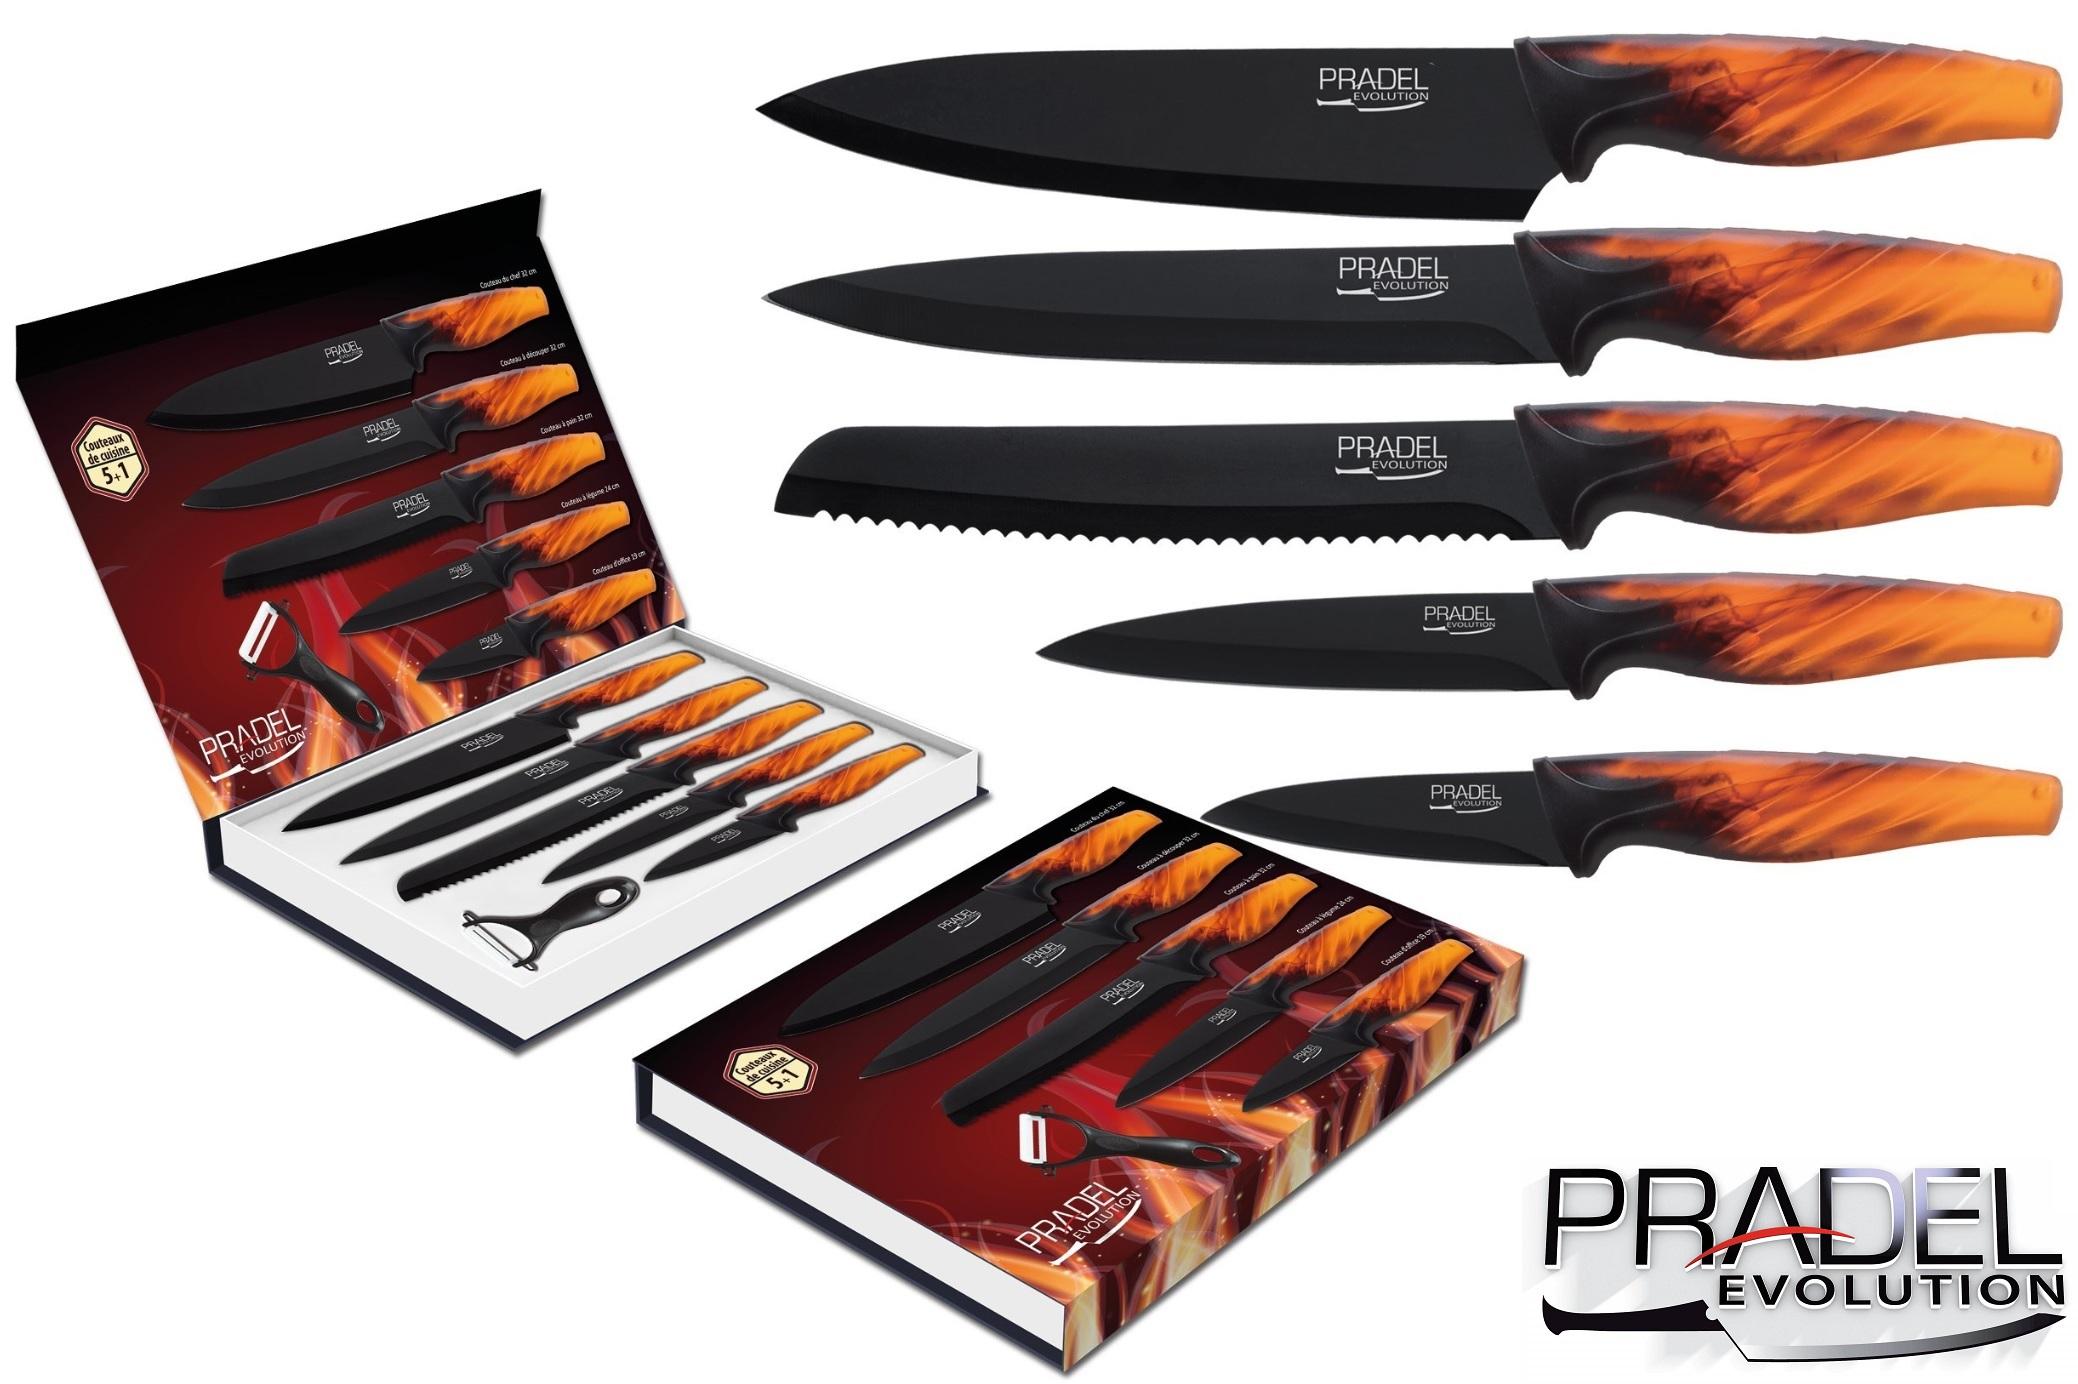 Coffret couteaux pradel couteau de cuisine table acier noir Pradel couteau cuisine